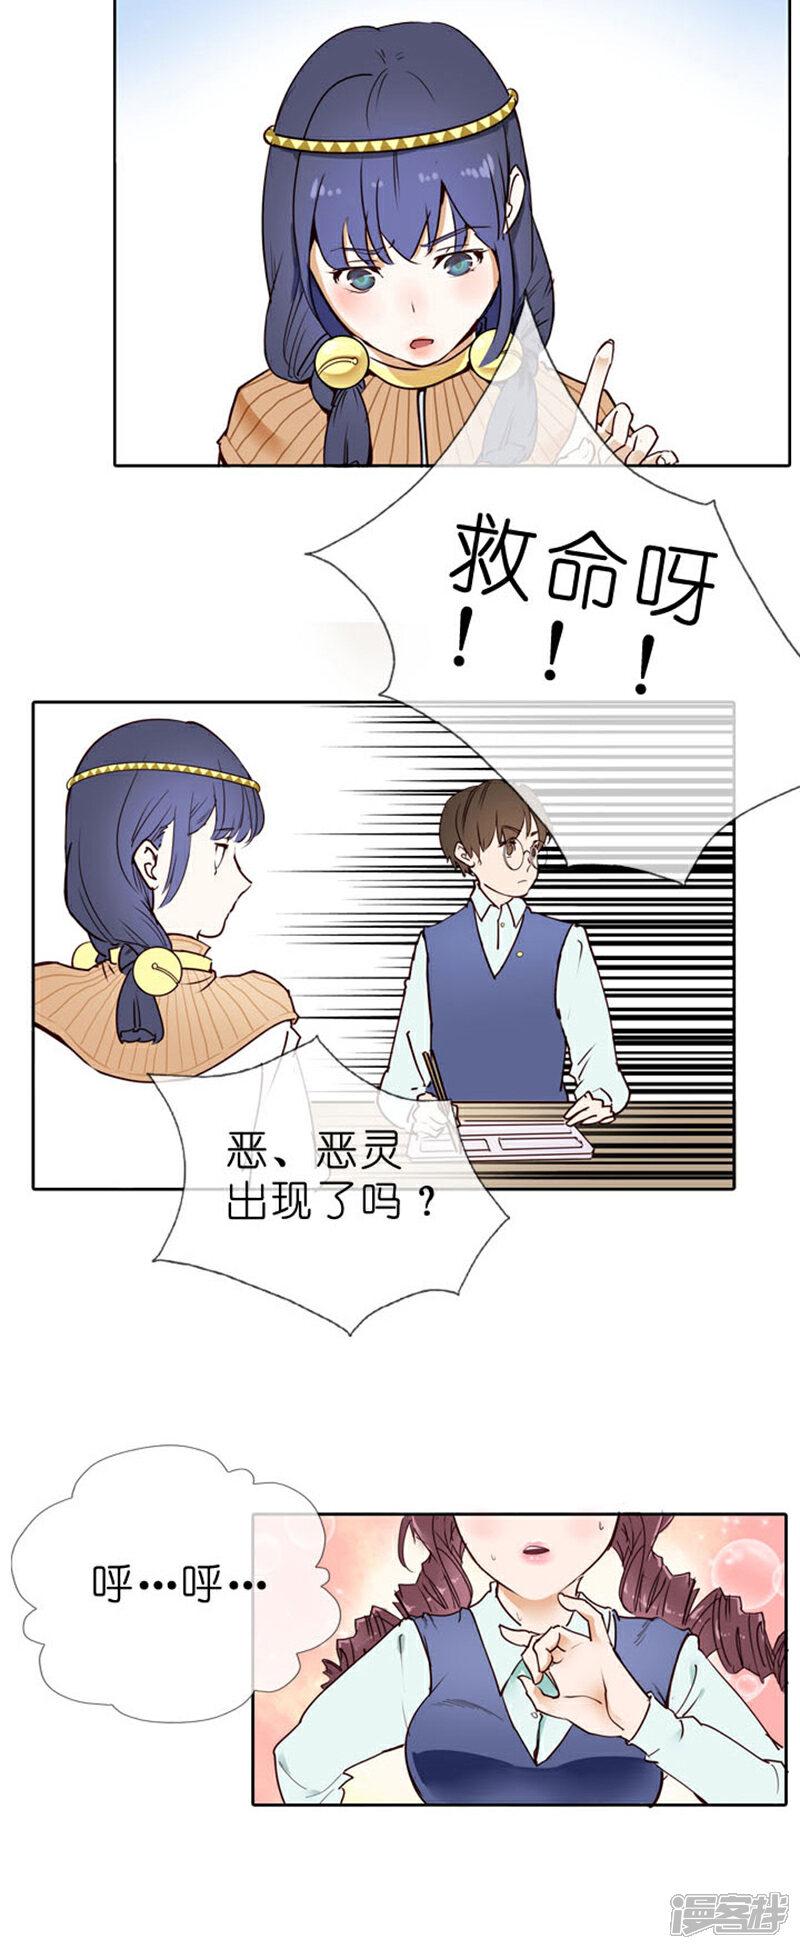 祖先帮帮忙客栈第4话-漫蔷薇漫画百日漫画图片图片